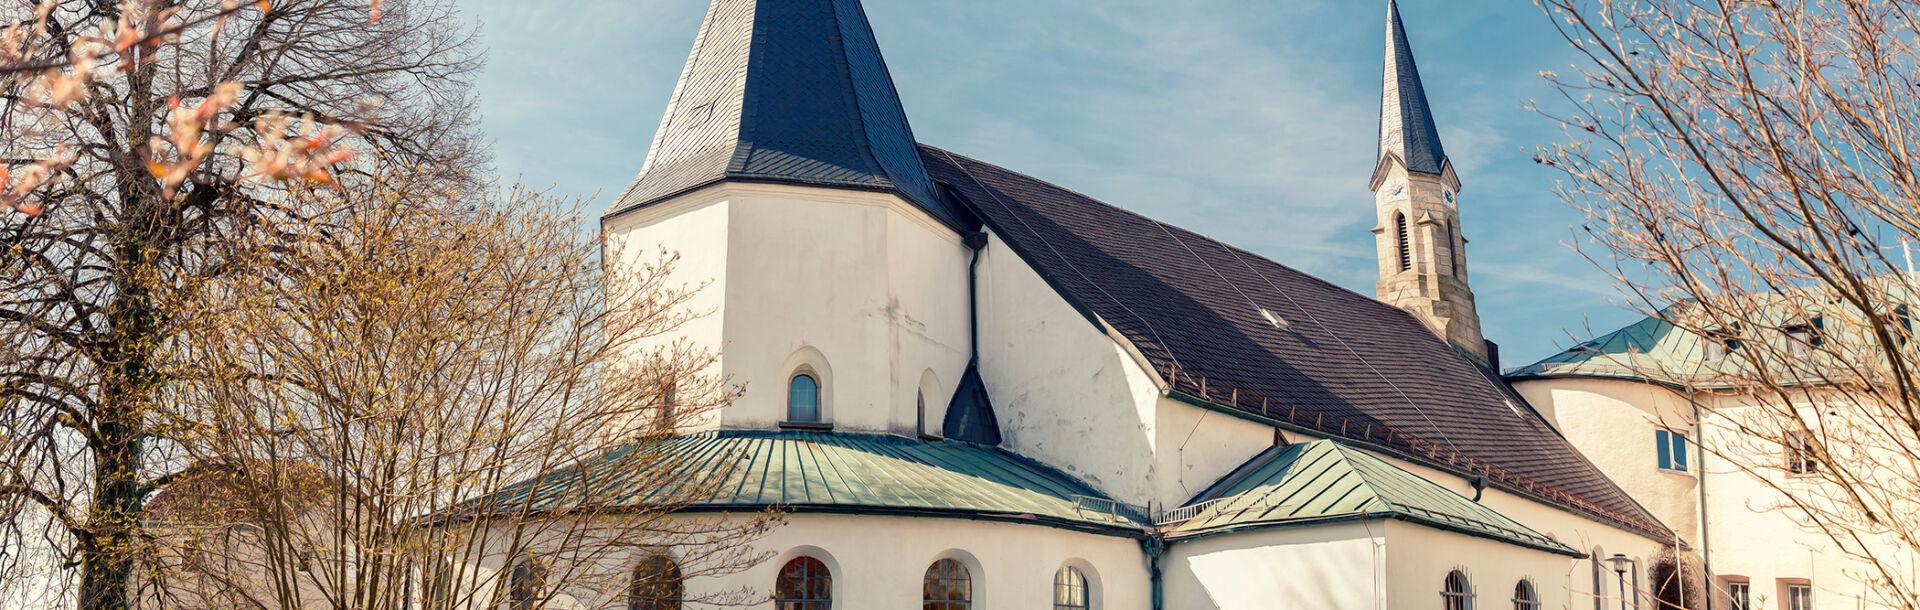 Wallfahrtskirche Mariä Himmelfahrt - Bild Stefan Plöchinger